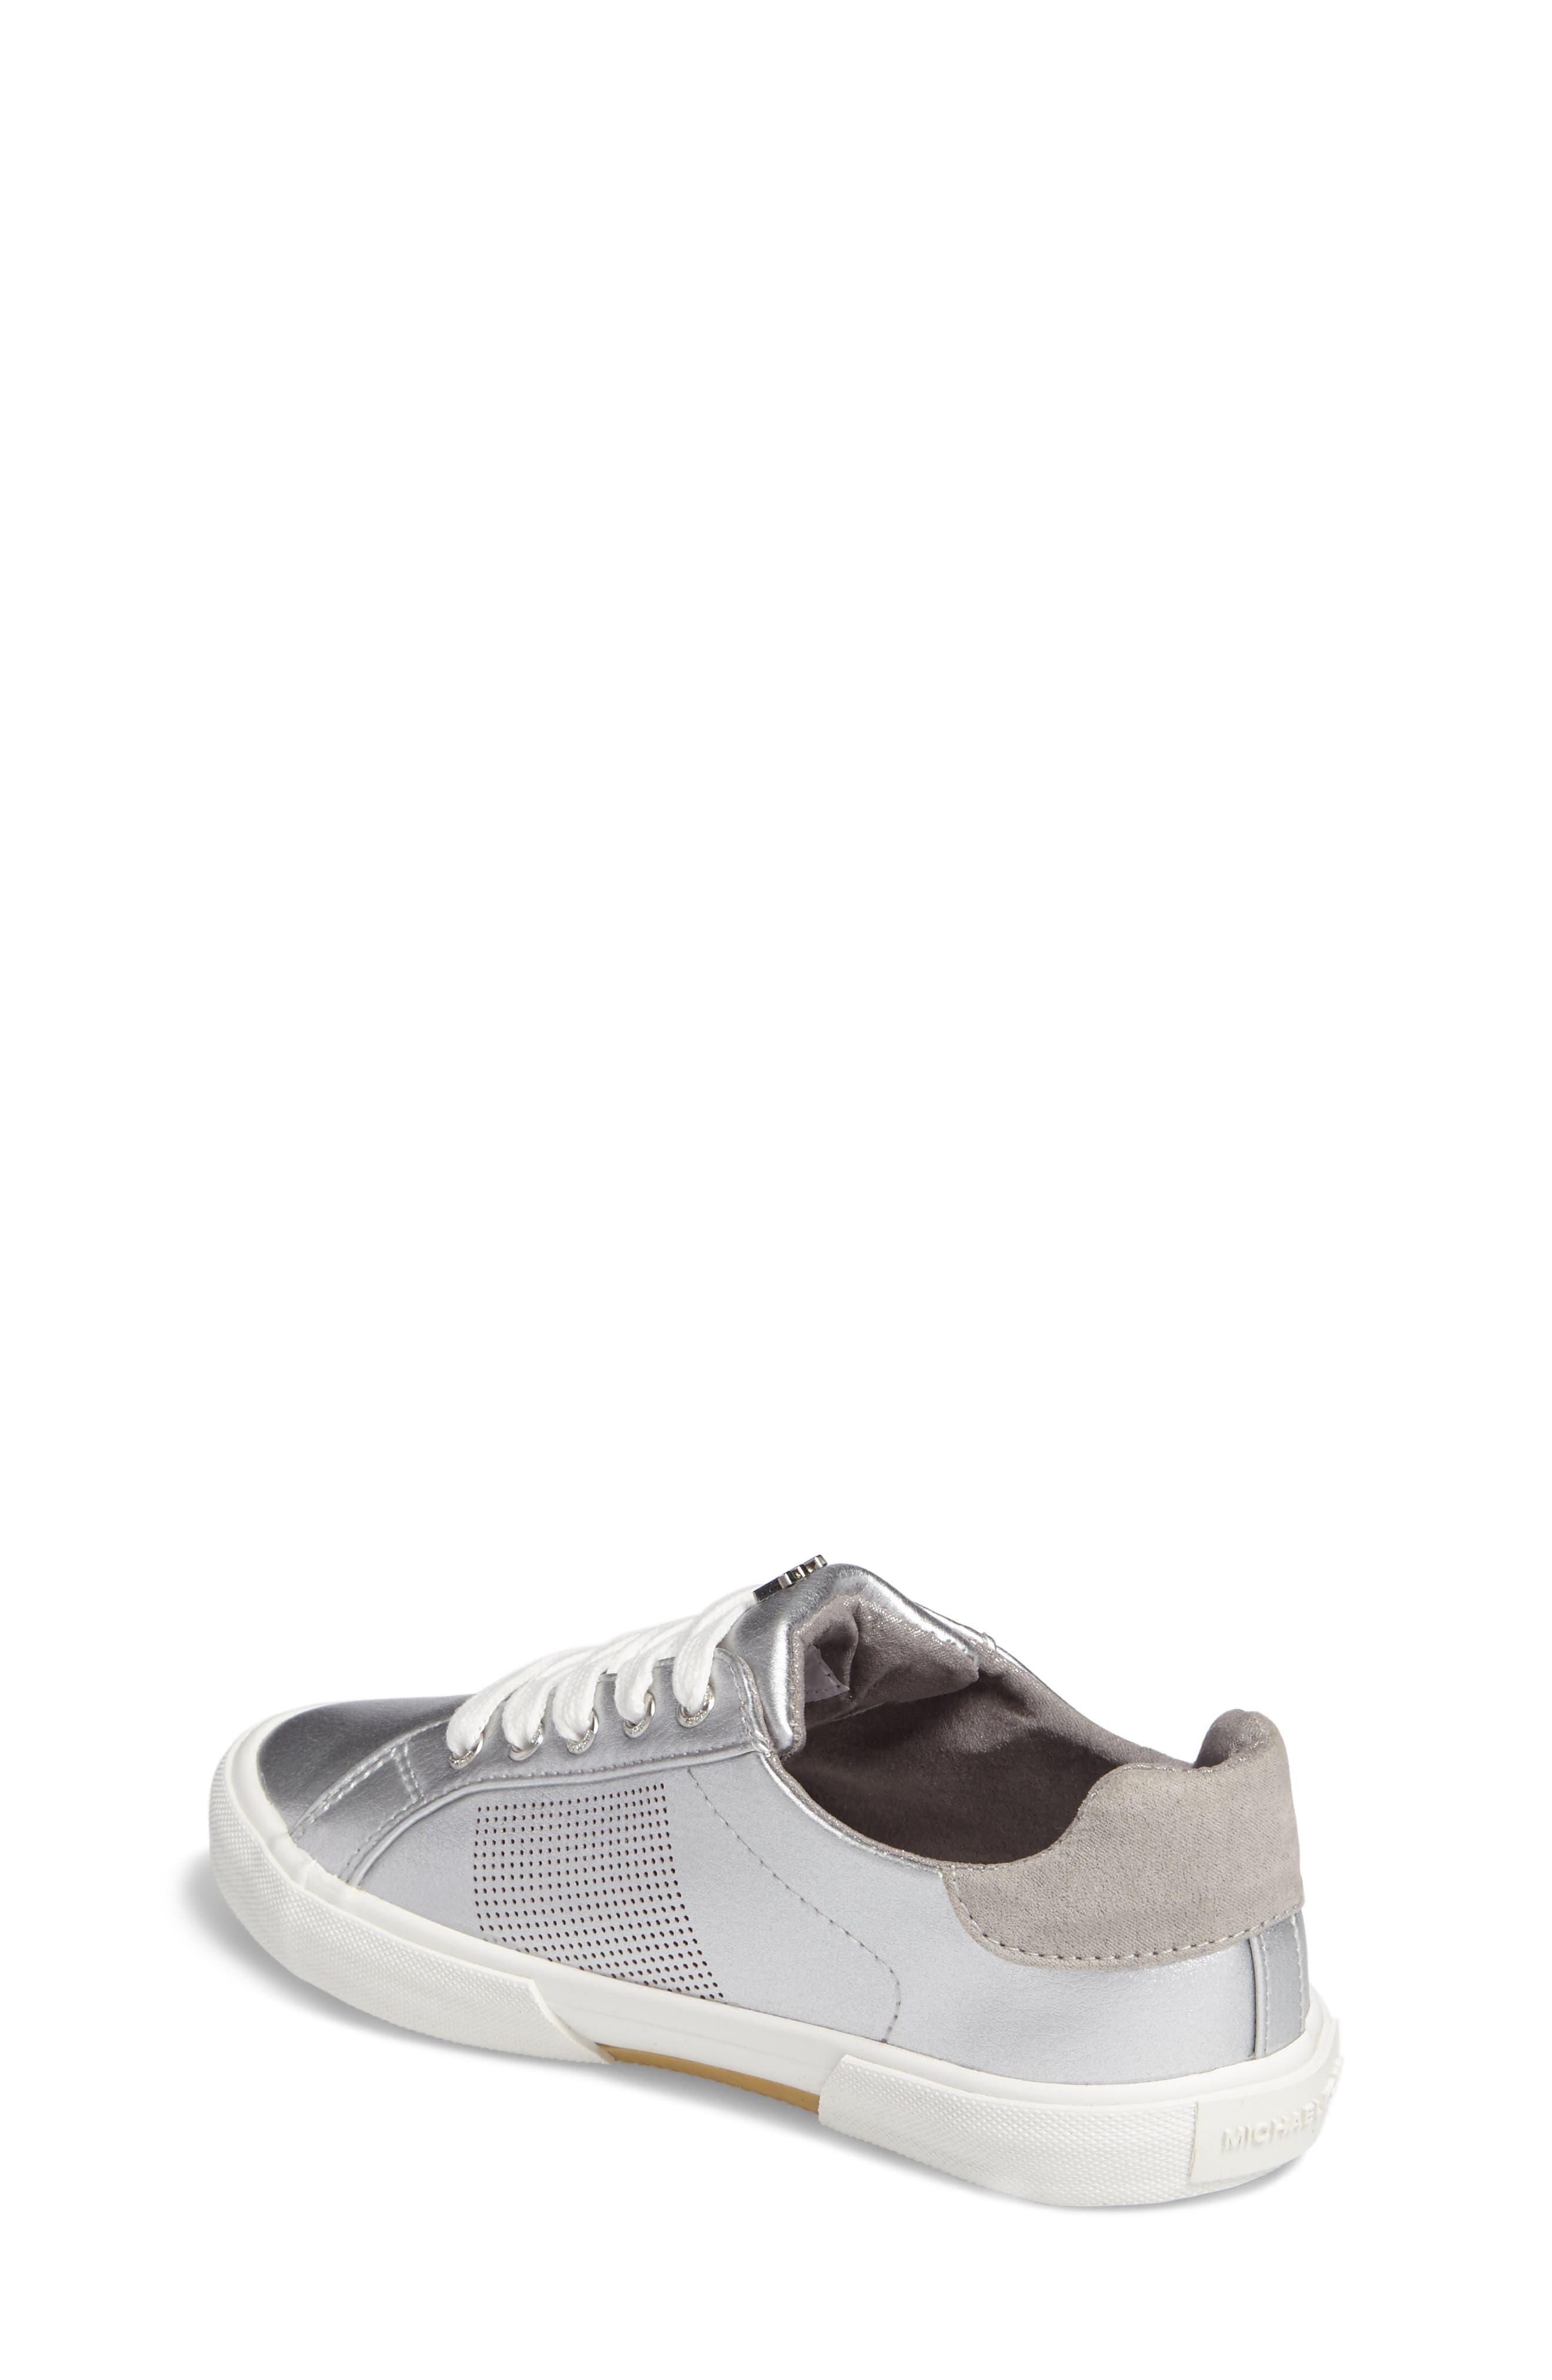 Ima Court Sneaker,                             Alternate thumbnail 2, color,                             040